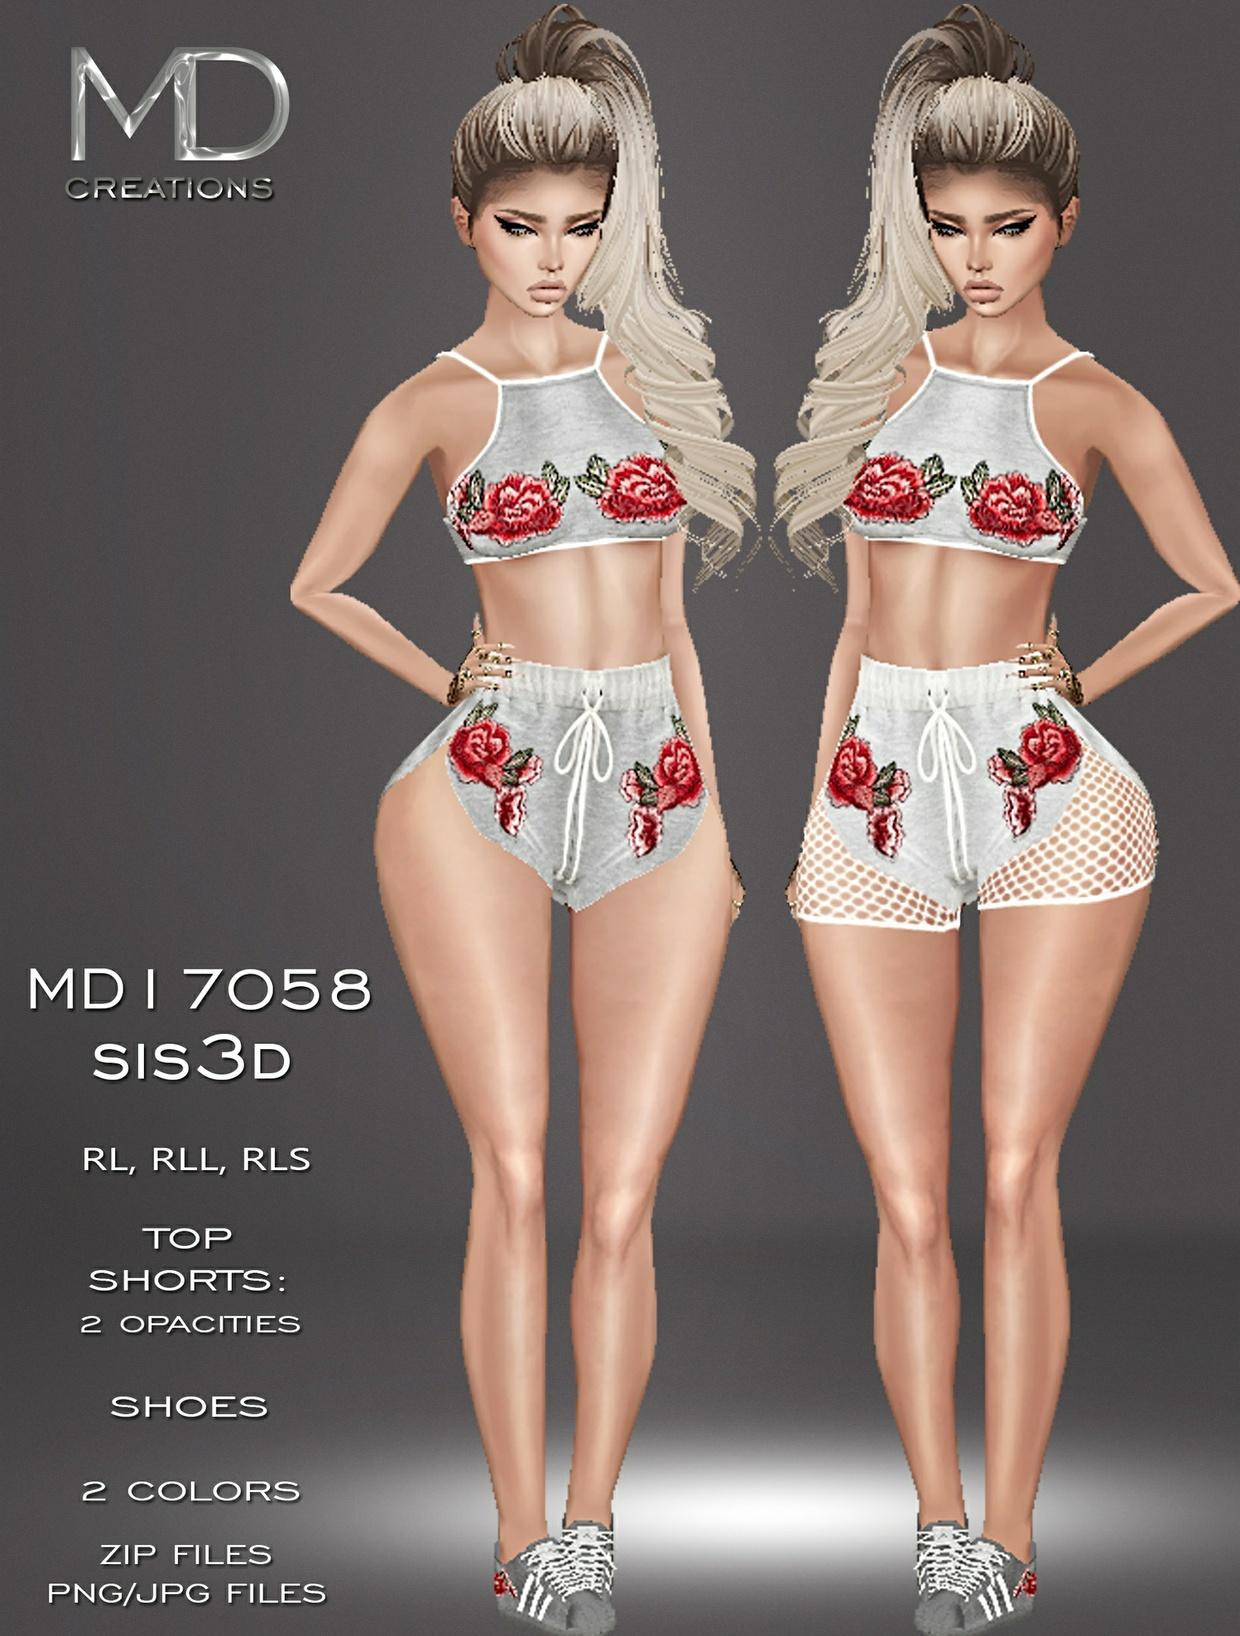 MD17058 - Sis3D